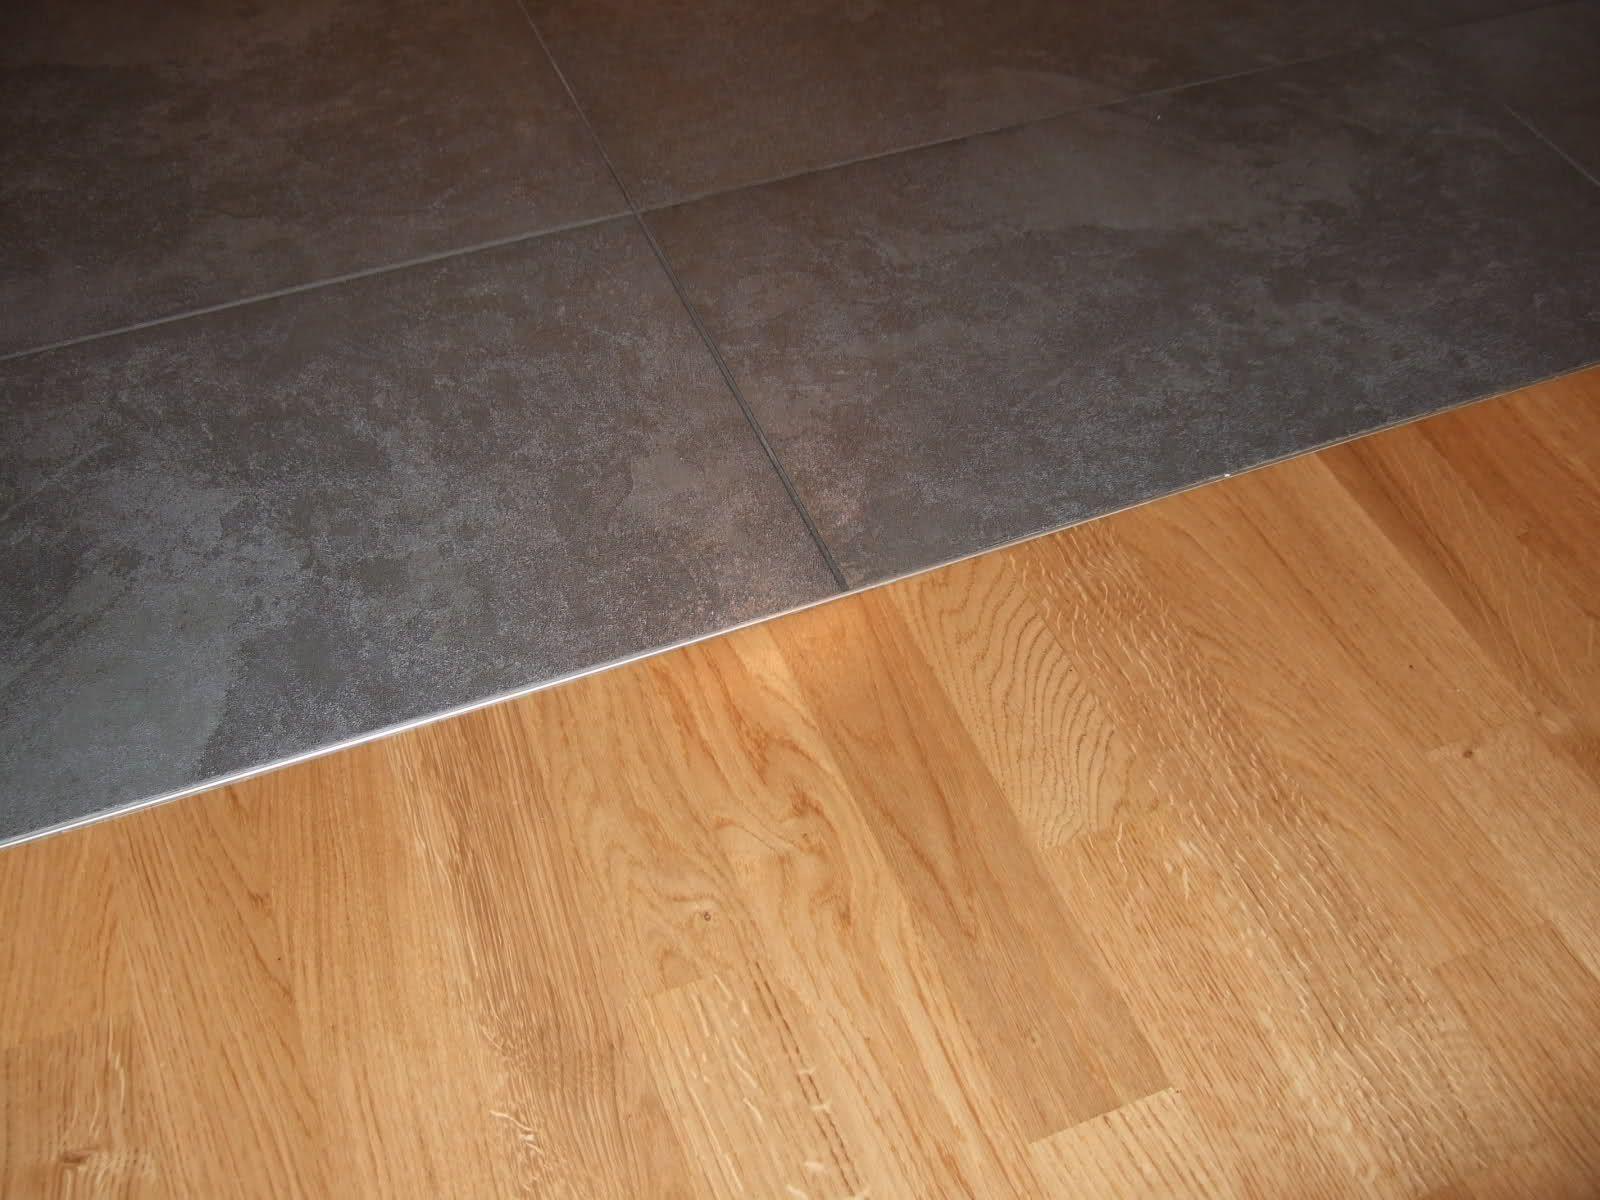 Küche Holzboden Oder Fliesen Kombination Fliesen In Holzoptik Mit